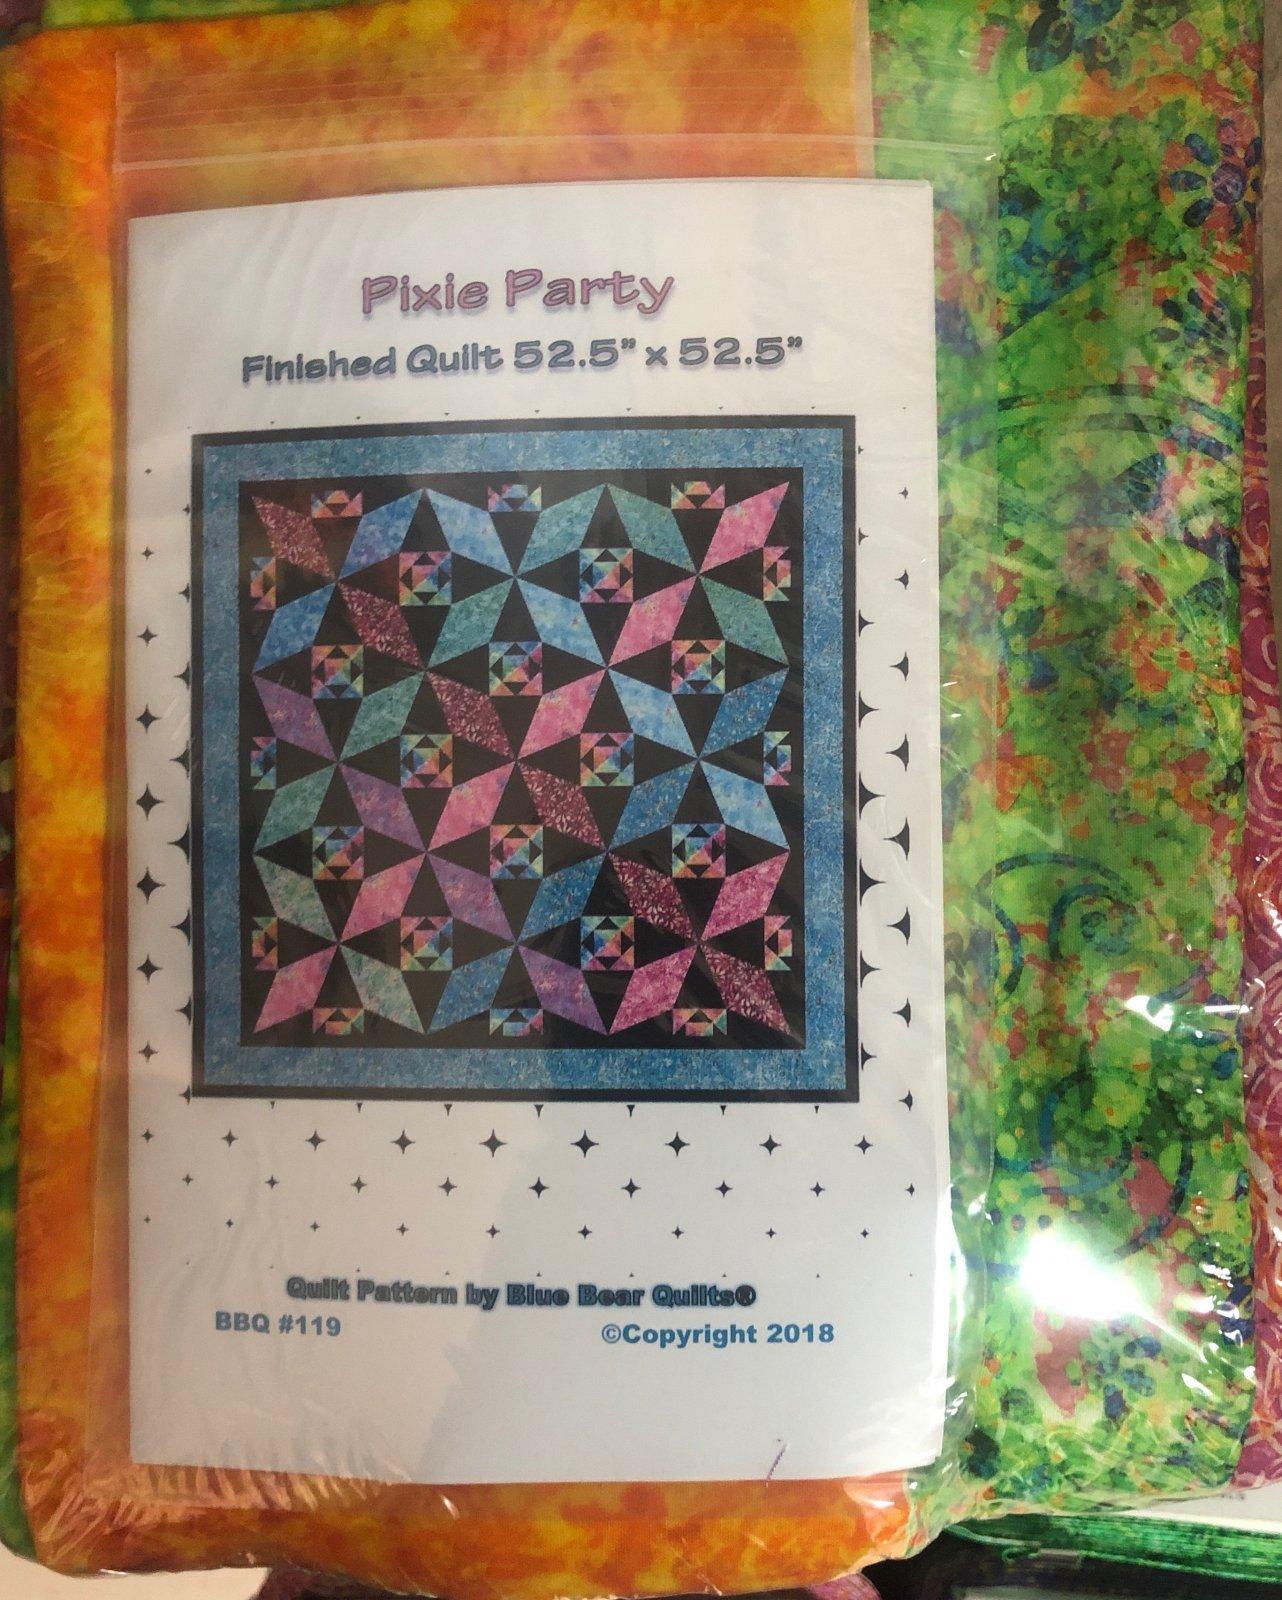 Pixie Party quilt kit